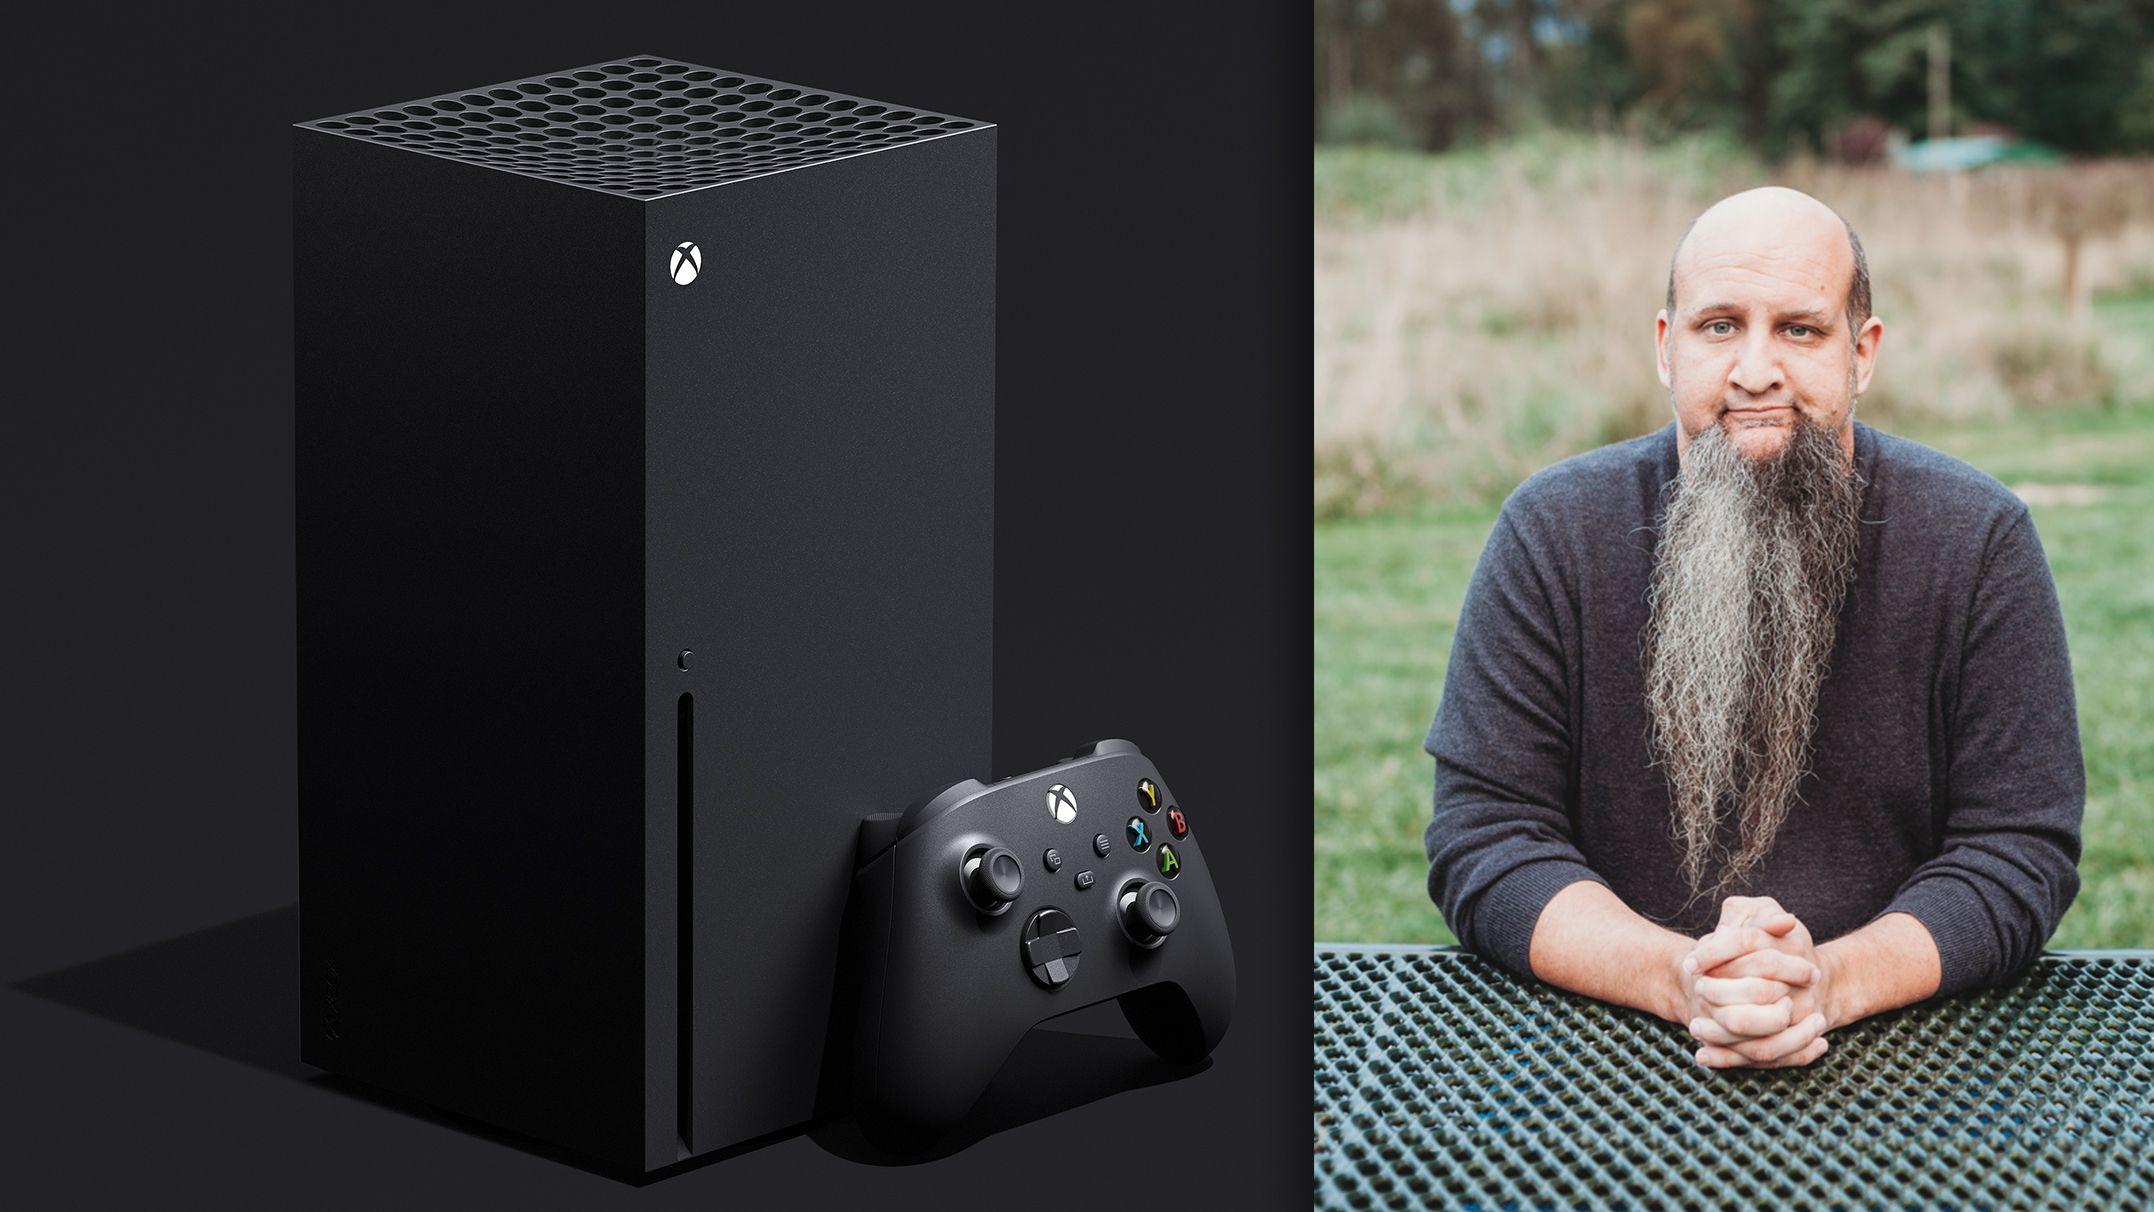 Xbox-sjef i eksklusivt intervju: – Xbox Series X er kraftigere enn spesifikasjonene sier